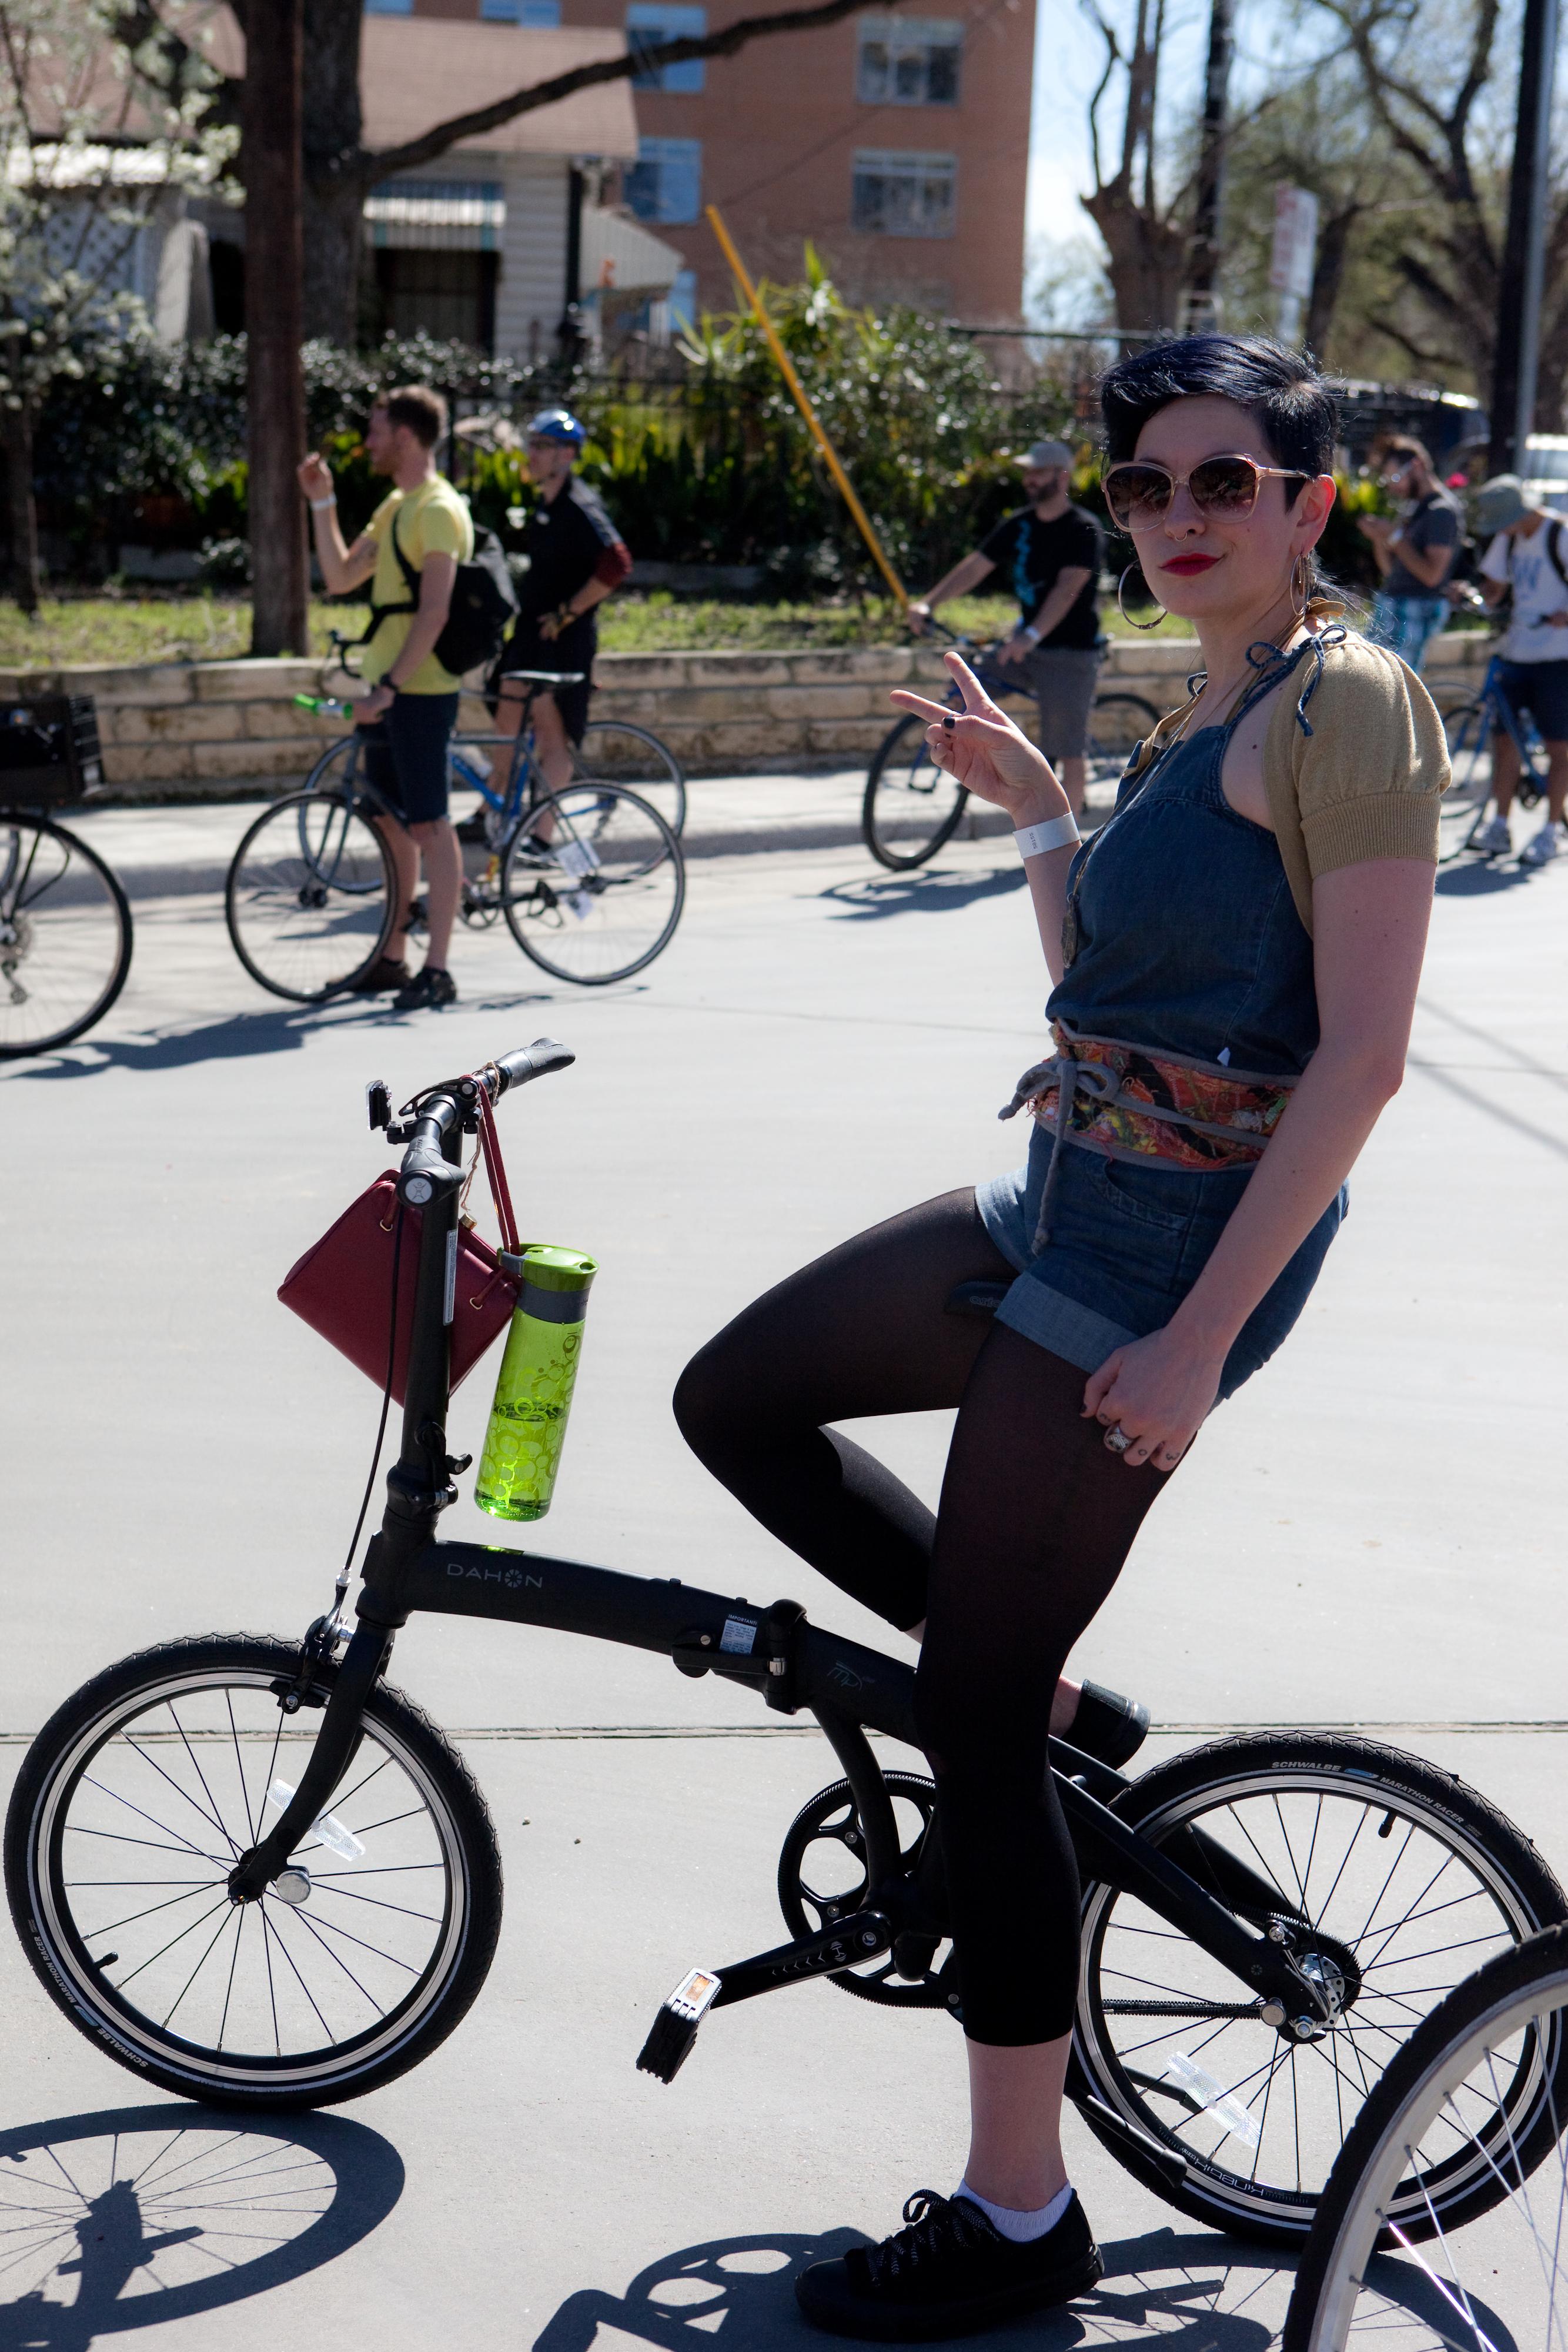 Free bikes are fun